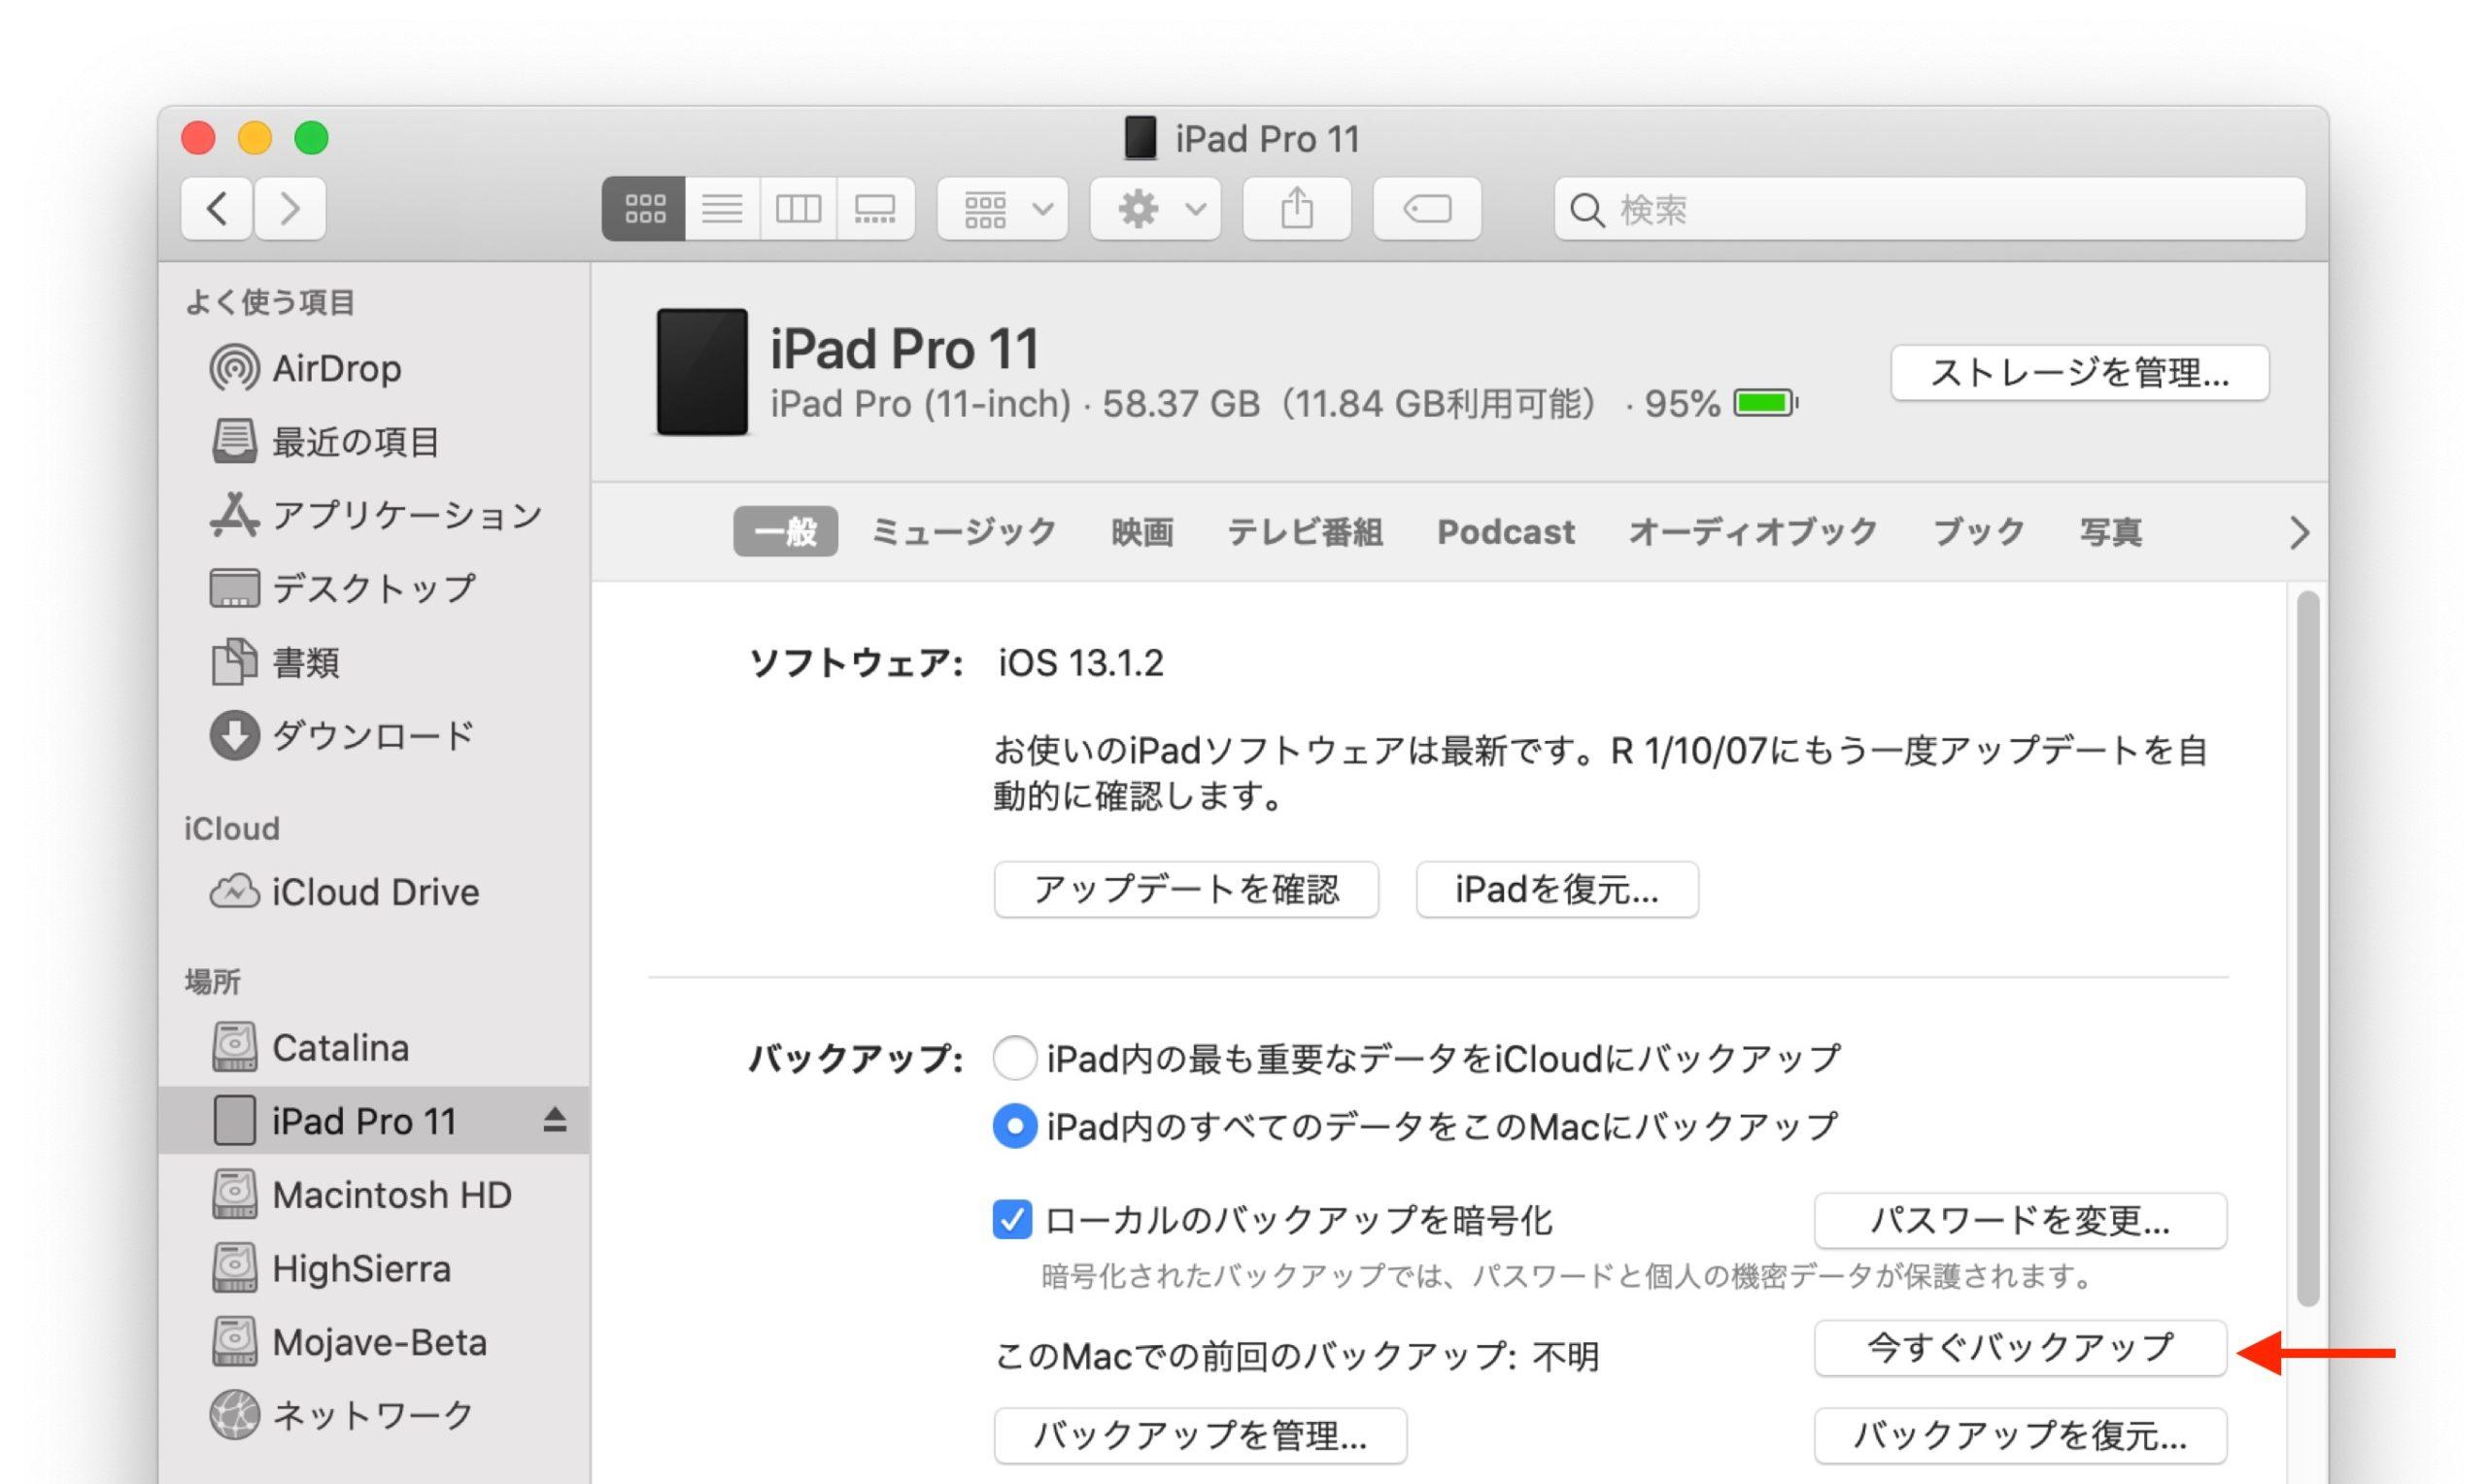 iPadのデータをバックアップ